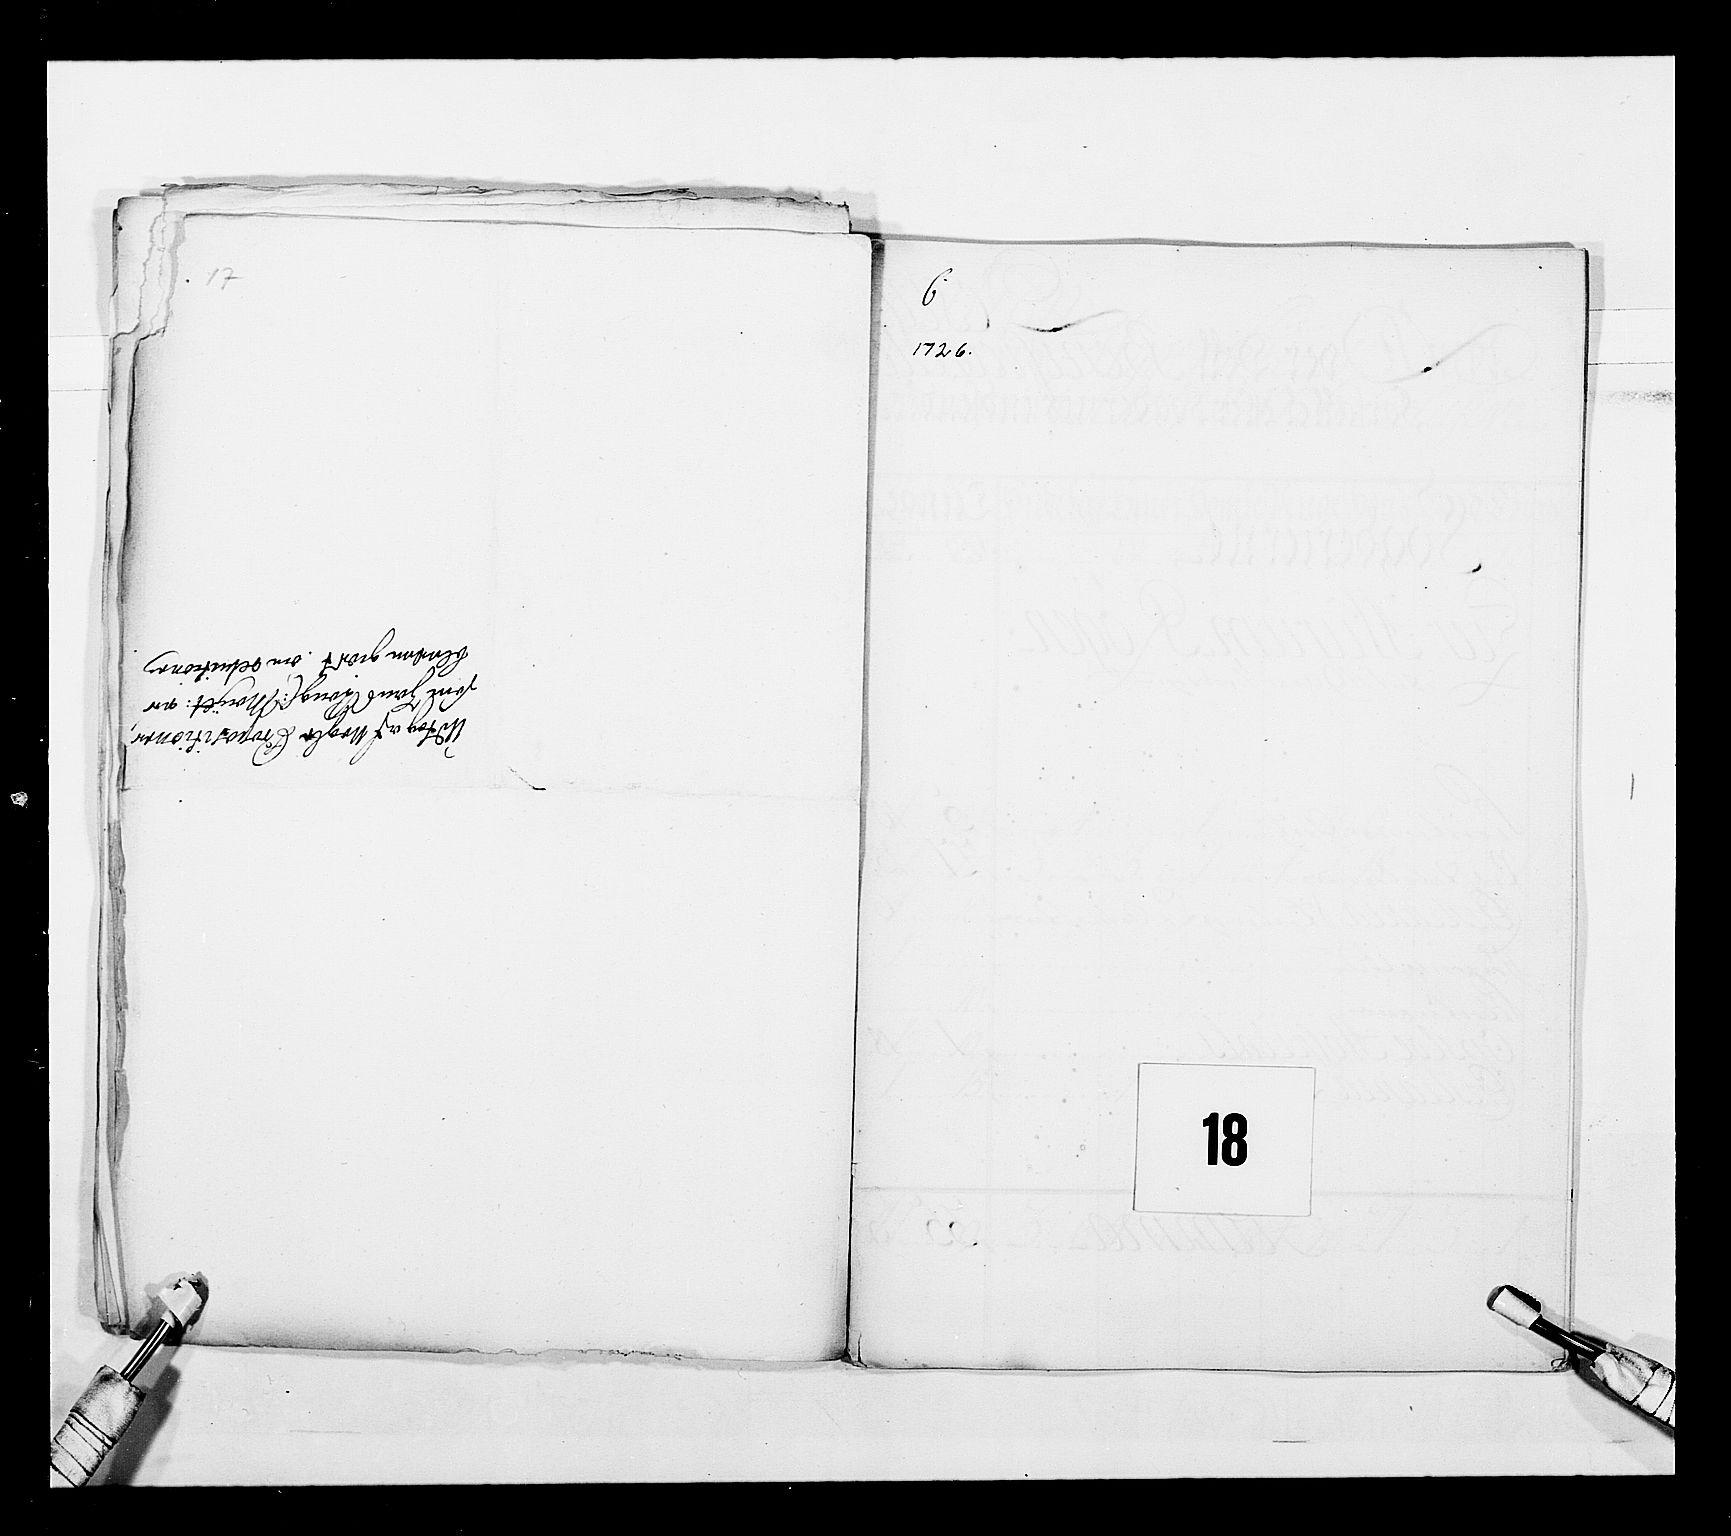 RA, Stattholderembetet 1572-1771, Ek/L0043: Jordebøker o.a. 1720-1728 vedkommende krongodset:, 1724-1728, s. 33